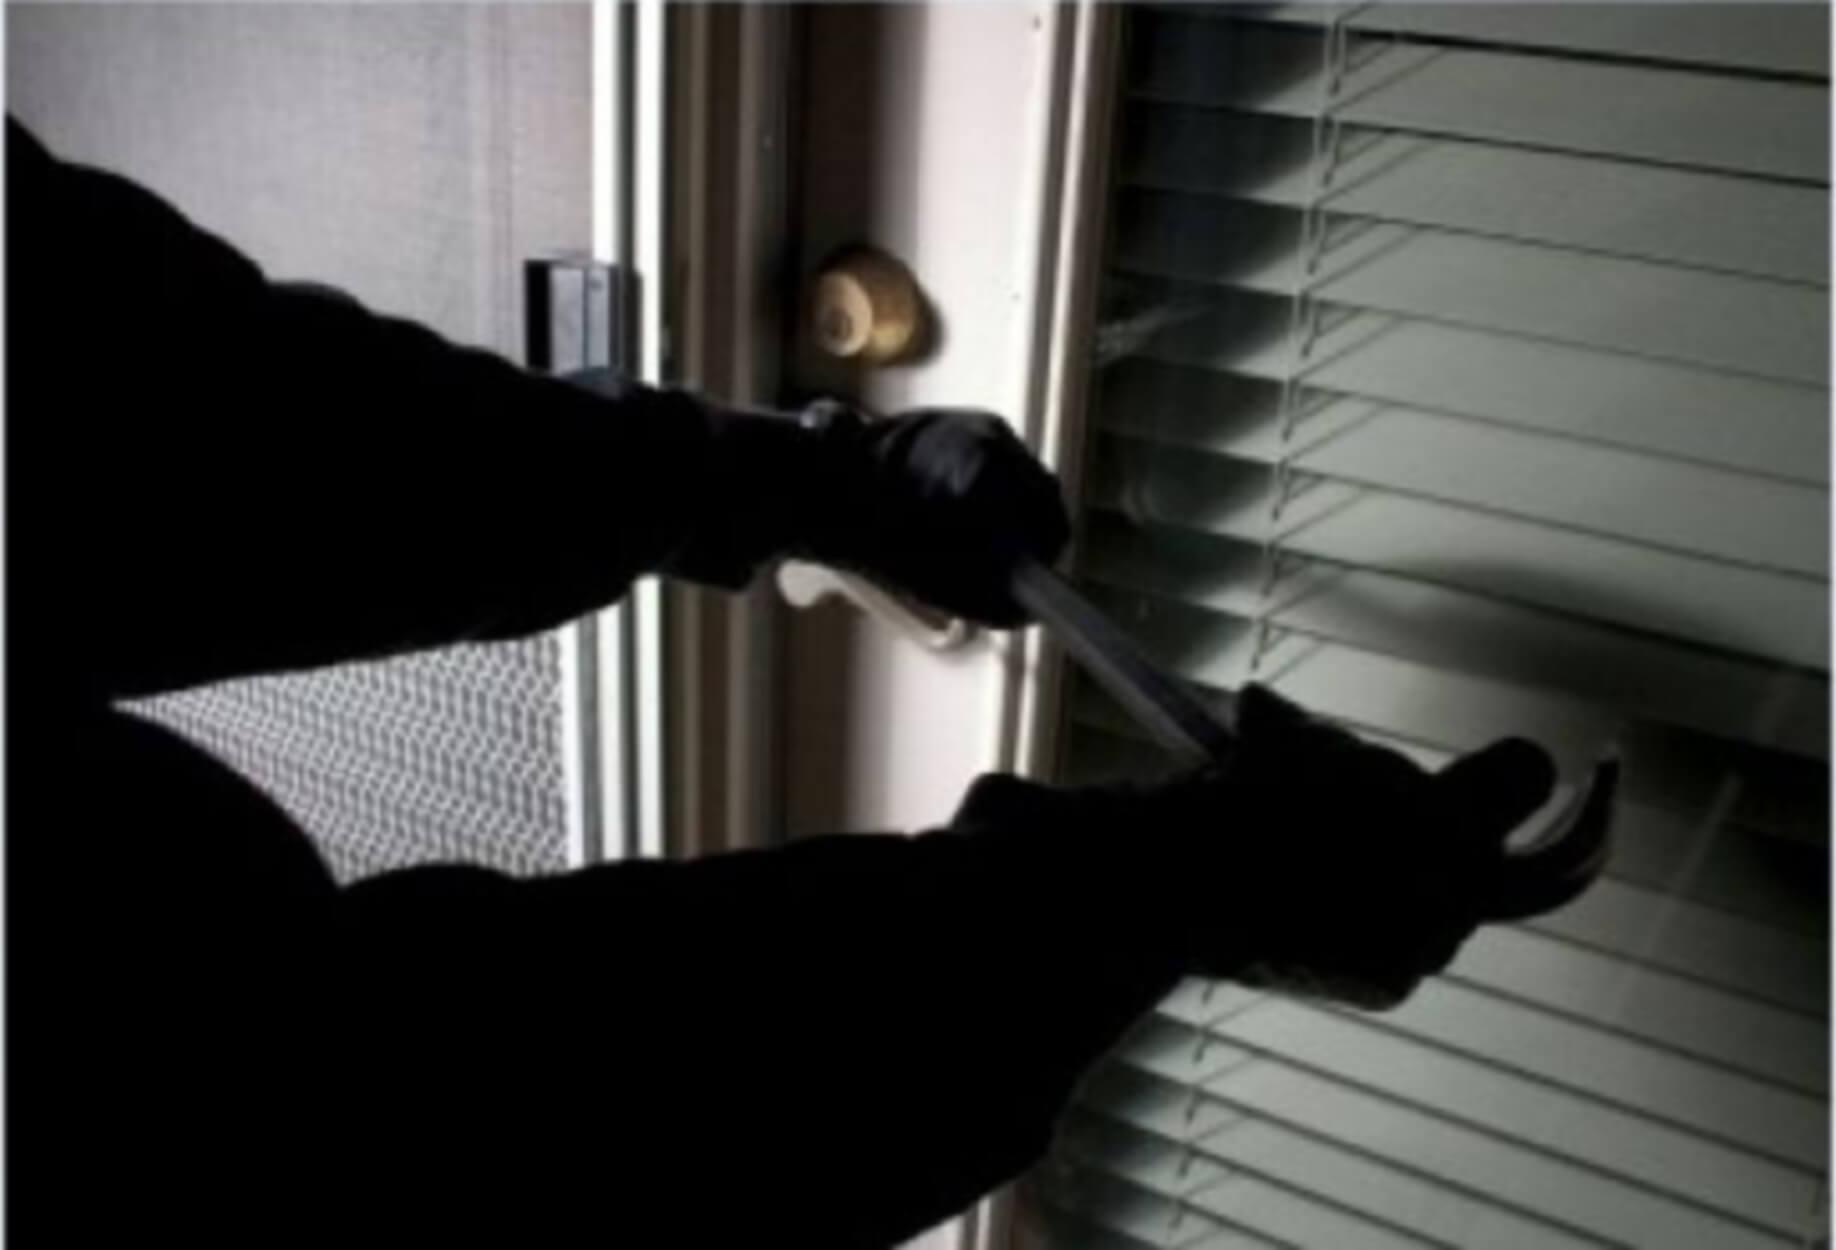 Αγία Παρασκευή: Κουκουλοφόροι μπούκαραν σε σπίτι – Τρόμος για τους δύο ενοίκους